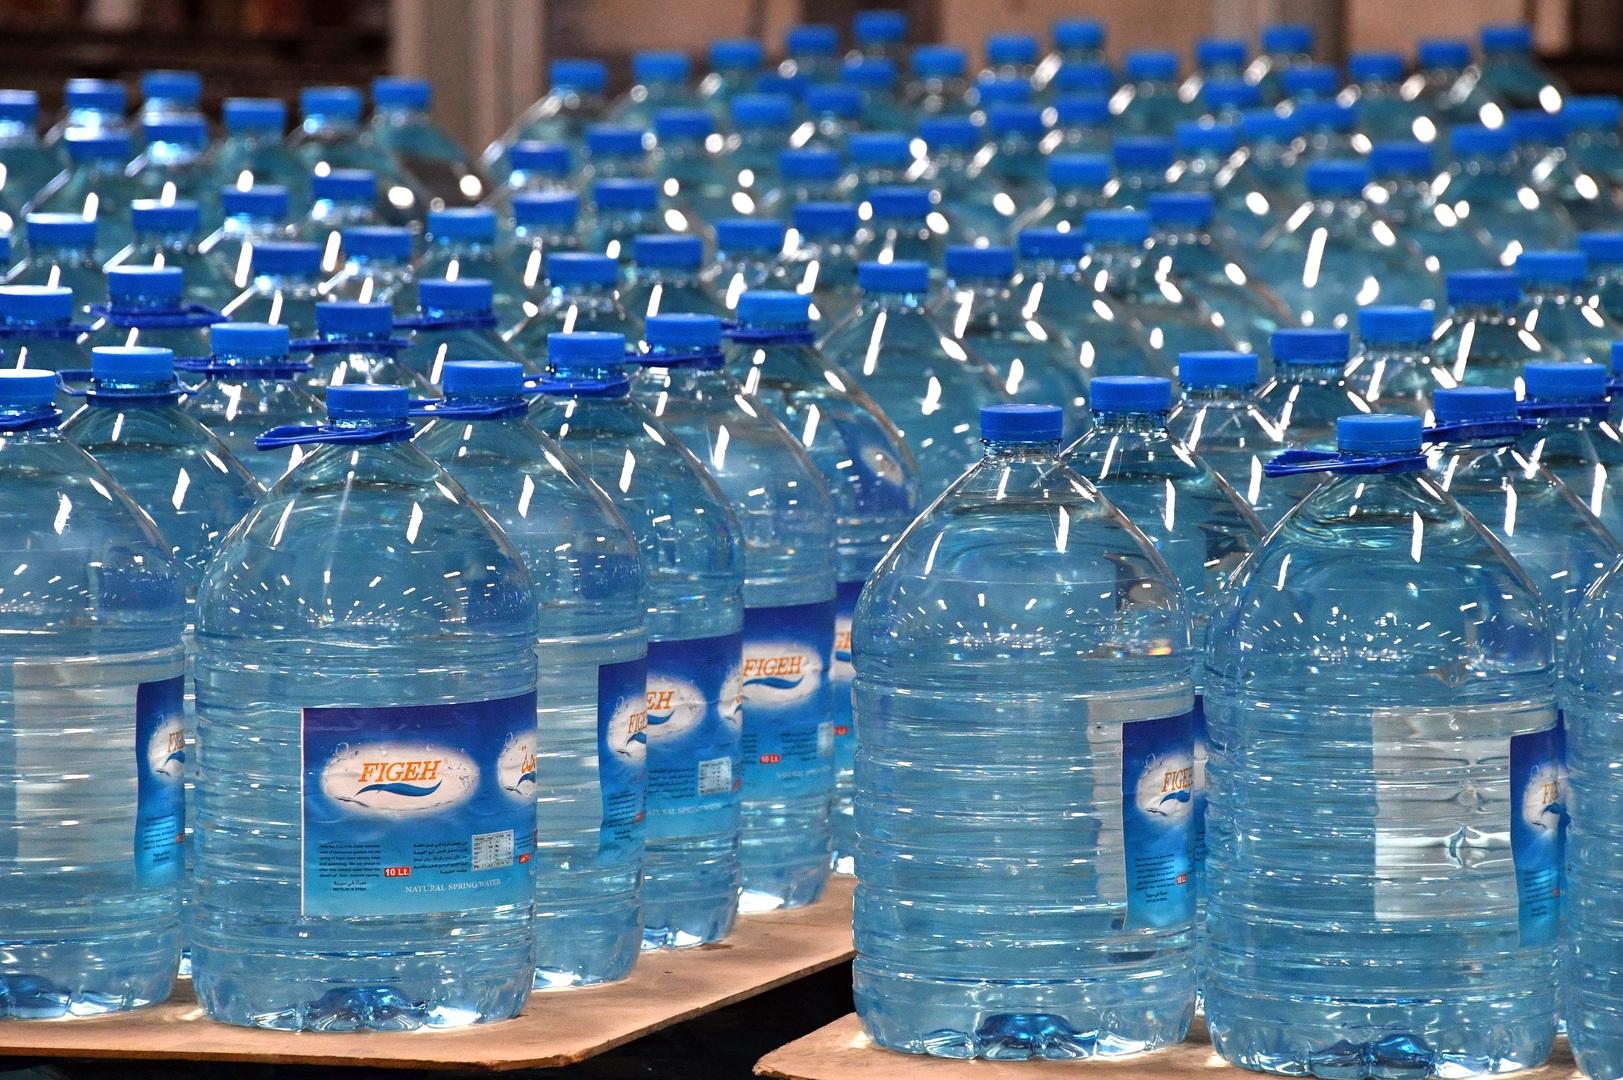 معهد كويتي: 100 مليار دولار سنويا مبيعات المياه المعبأه عالميا